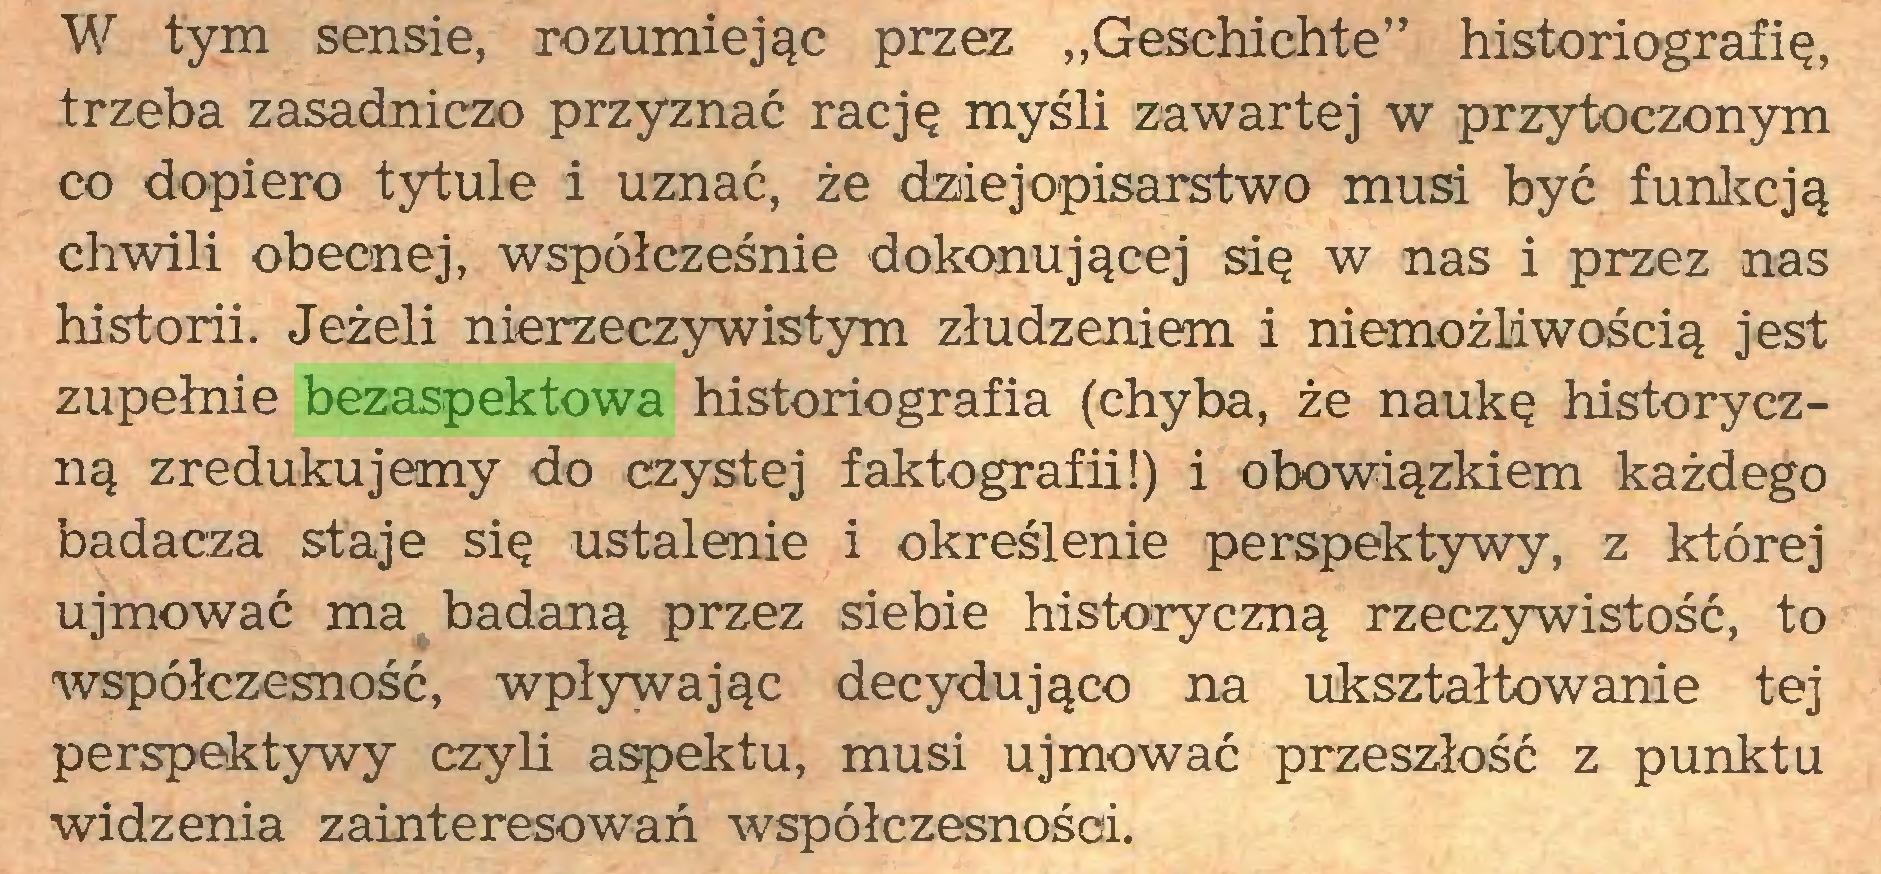 """(...) W tym sensie, rozumiejąc przez """"Geschichte"""" historiografię, trzeba zasadniczo przyznać rację myśli zawartej w przytoczonym co dopiero tytule i uznać, że dziejopisarstwo musi być funkcją chwili obecnej, współcześnie dokonującej się w nas i przez nas historii. Jeżeli nierzeczywistym złudzeniem i niemożliwością jest zupełnie bezaspektowa historiografia (chyba, że naukę historyczną zredukujemy do czystej faktografii!) i obowiązkiem każdego badacza staje się ustalenie i określenie perspektywy, z której ujmować ma badaną przez siebie historyczną rzeczywistość, to współczesność, wpływając decydująco na ukształtowanie tej perspektywy czyli aspektu, musi ujmować przeszłość z punktu widzenia zainteresowań współczesności..."""